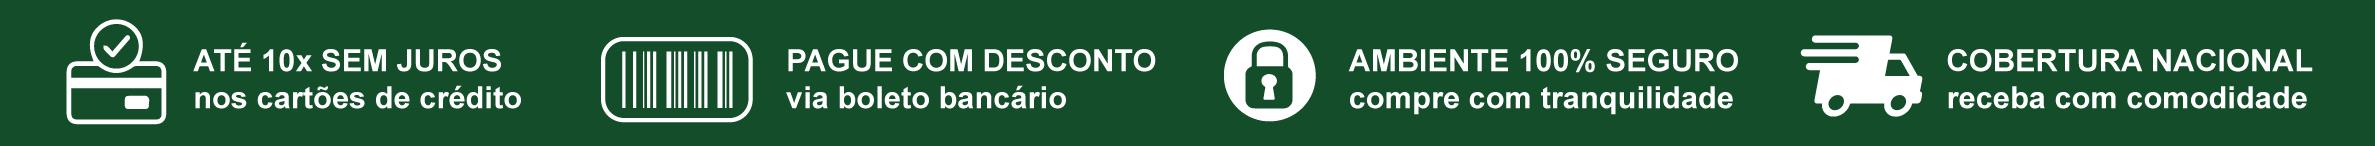 Banner Tarja 2020